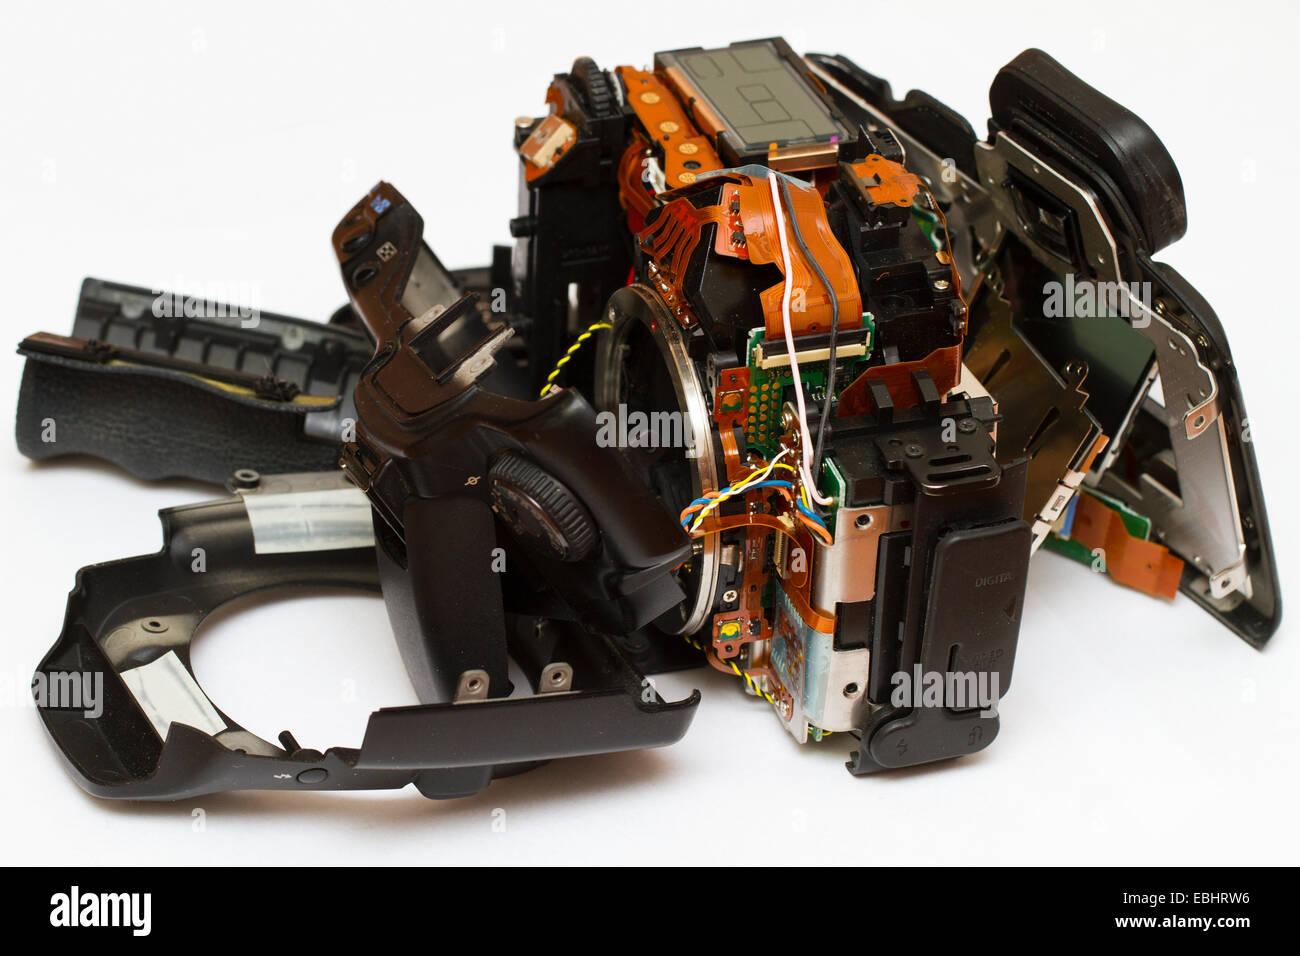 DSLR camera, broken into pieces. - Stock Image